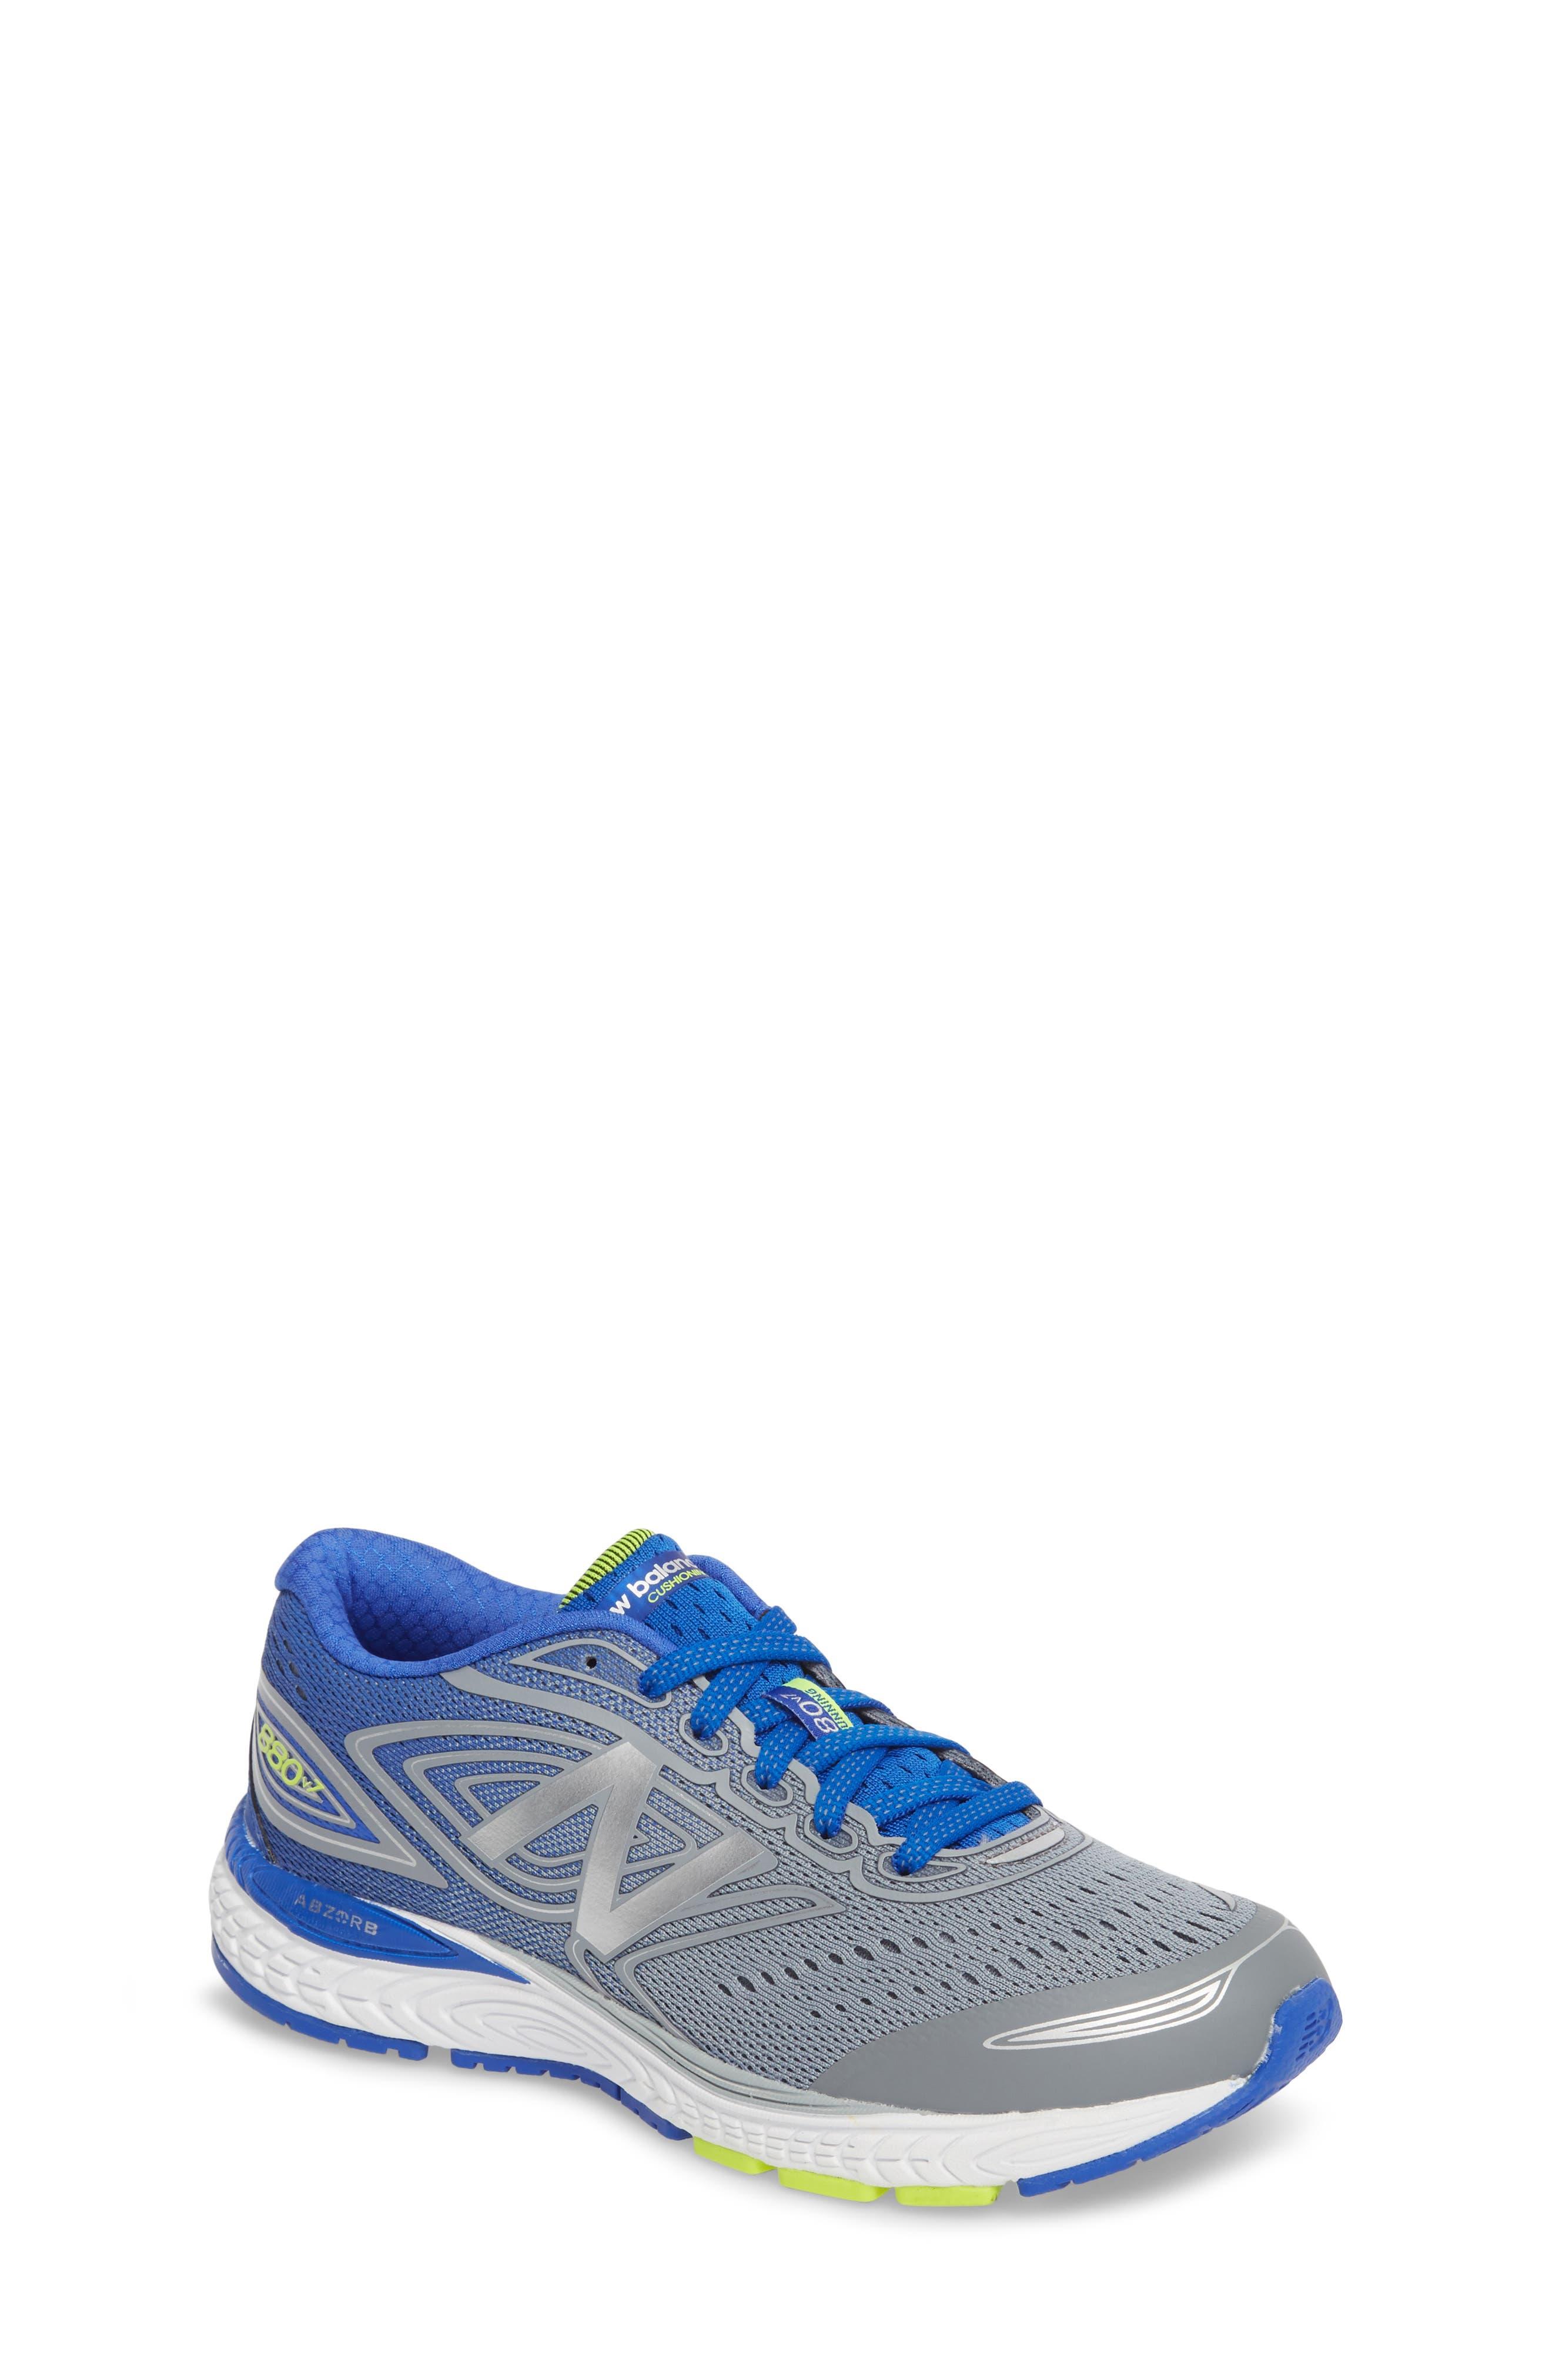 880v7 Sneaker,                             Main thumbnail 1, color,                             STEEL